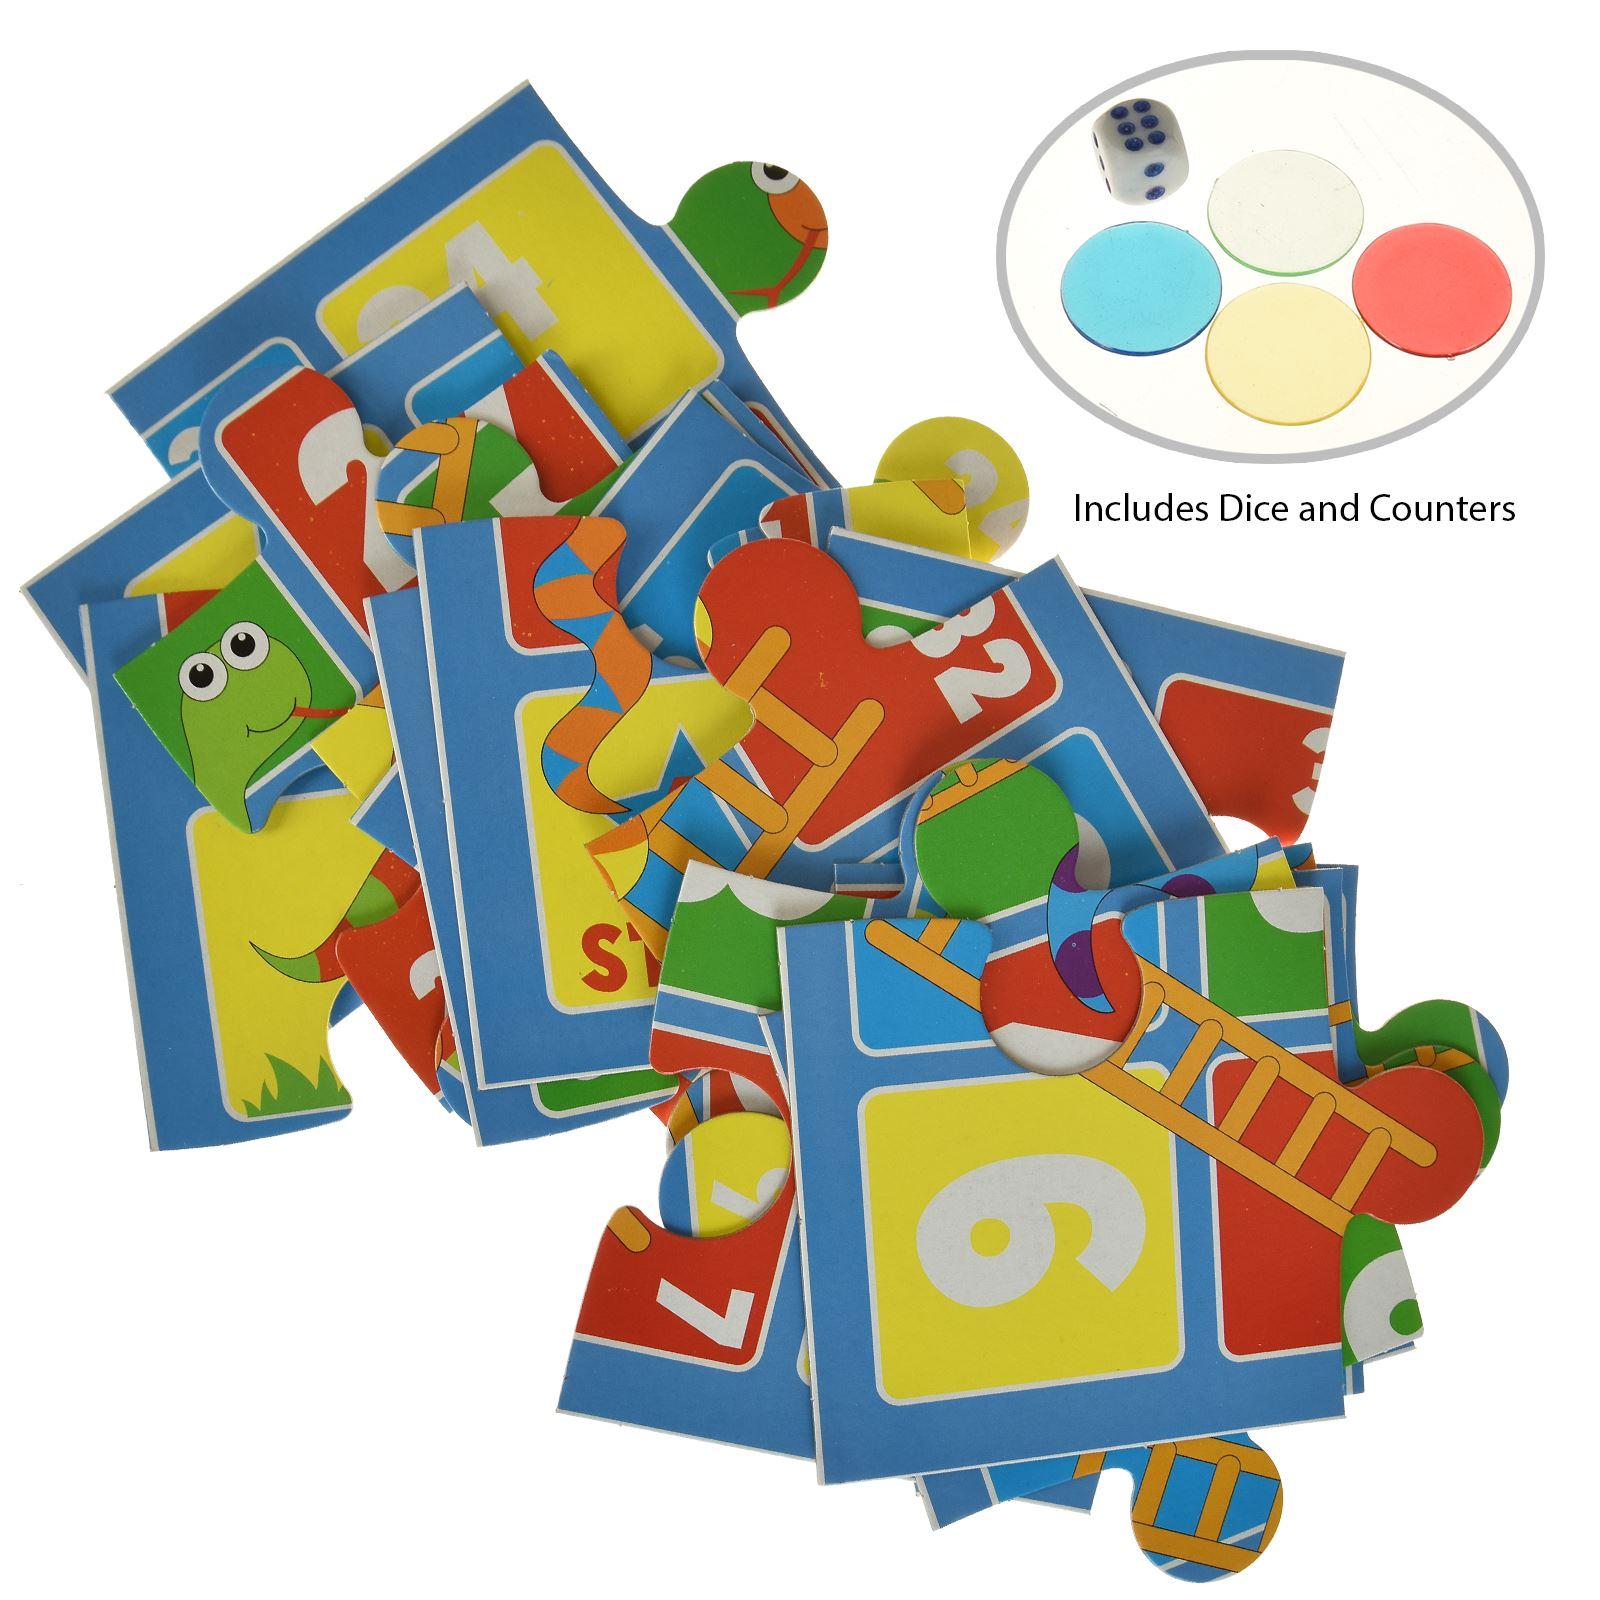 16pc-Mon-Premier-Puzzle-Enfants-educatif-Problem-Solving-jeu-jouet miniature 9